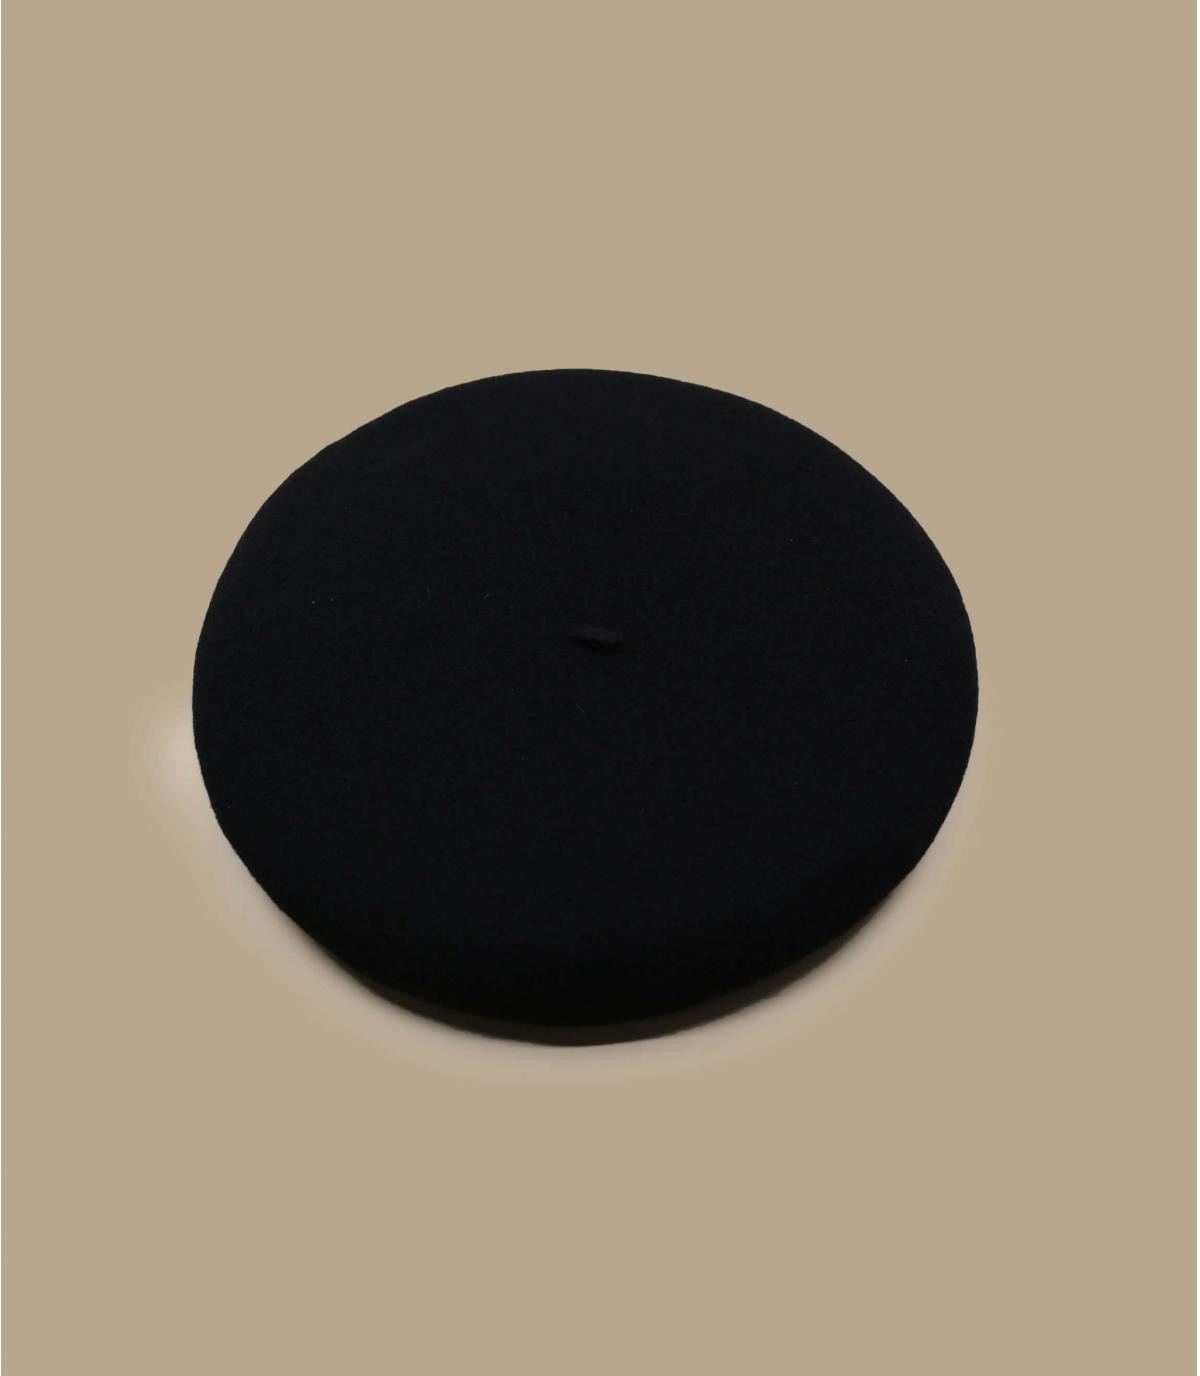 Détails Vrai basque black - image 2